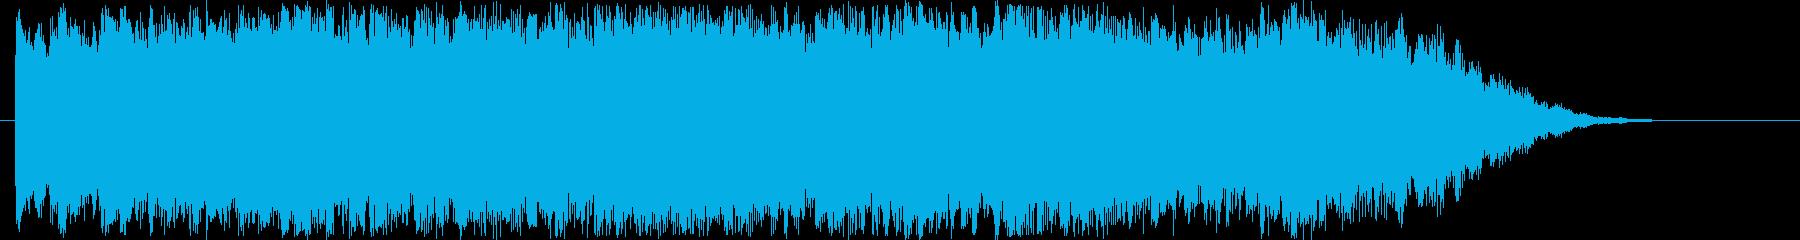 新幹線のチャイム風オリジナルチャイムの再生済みの波形